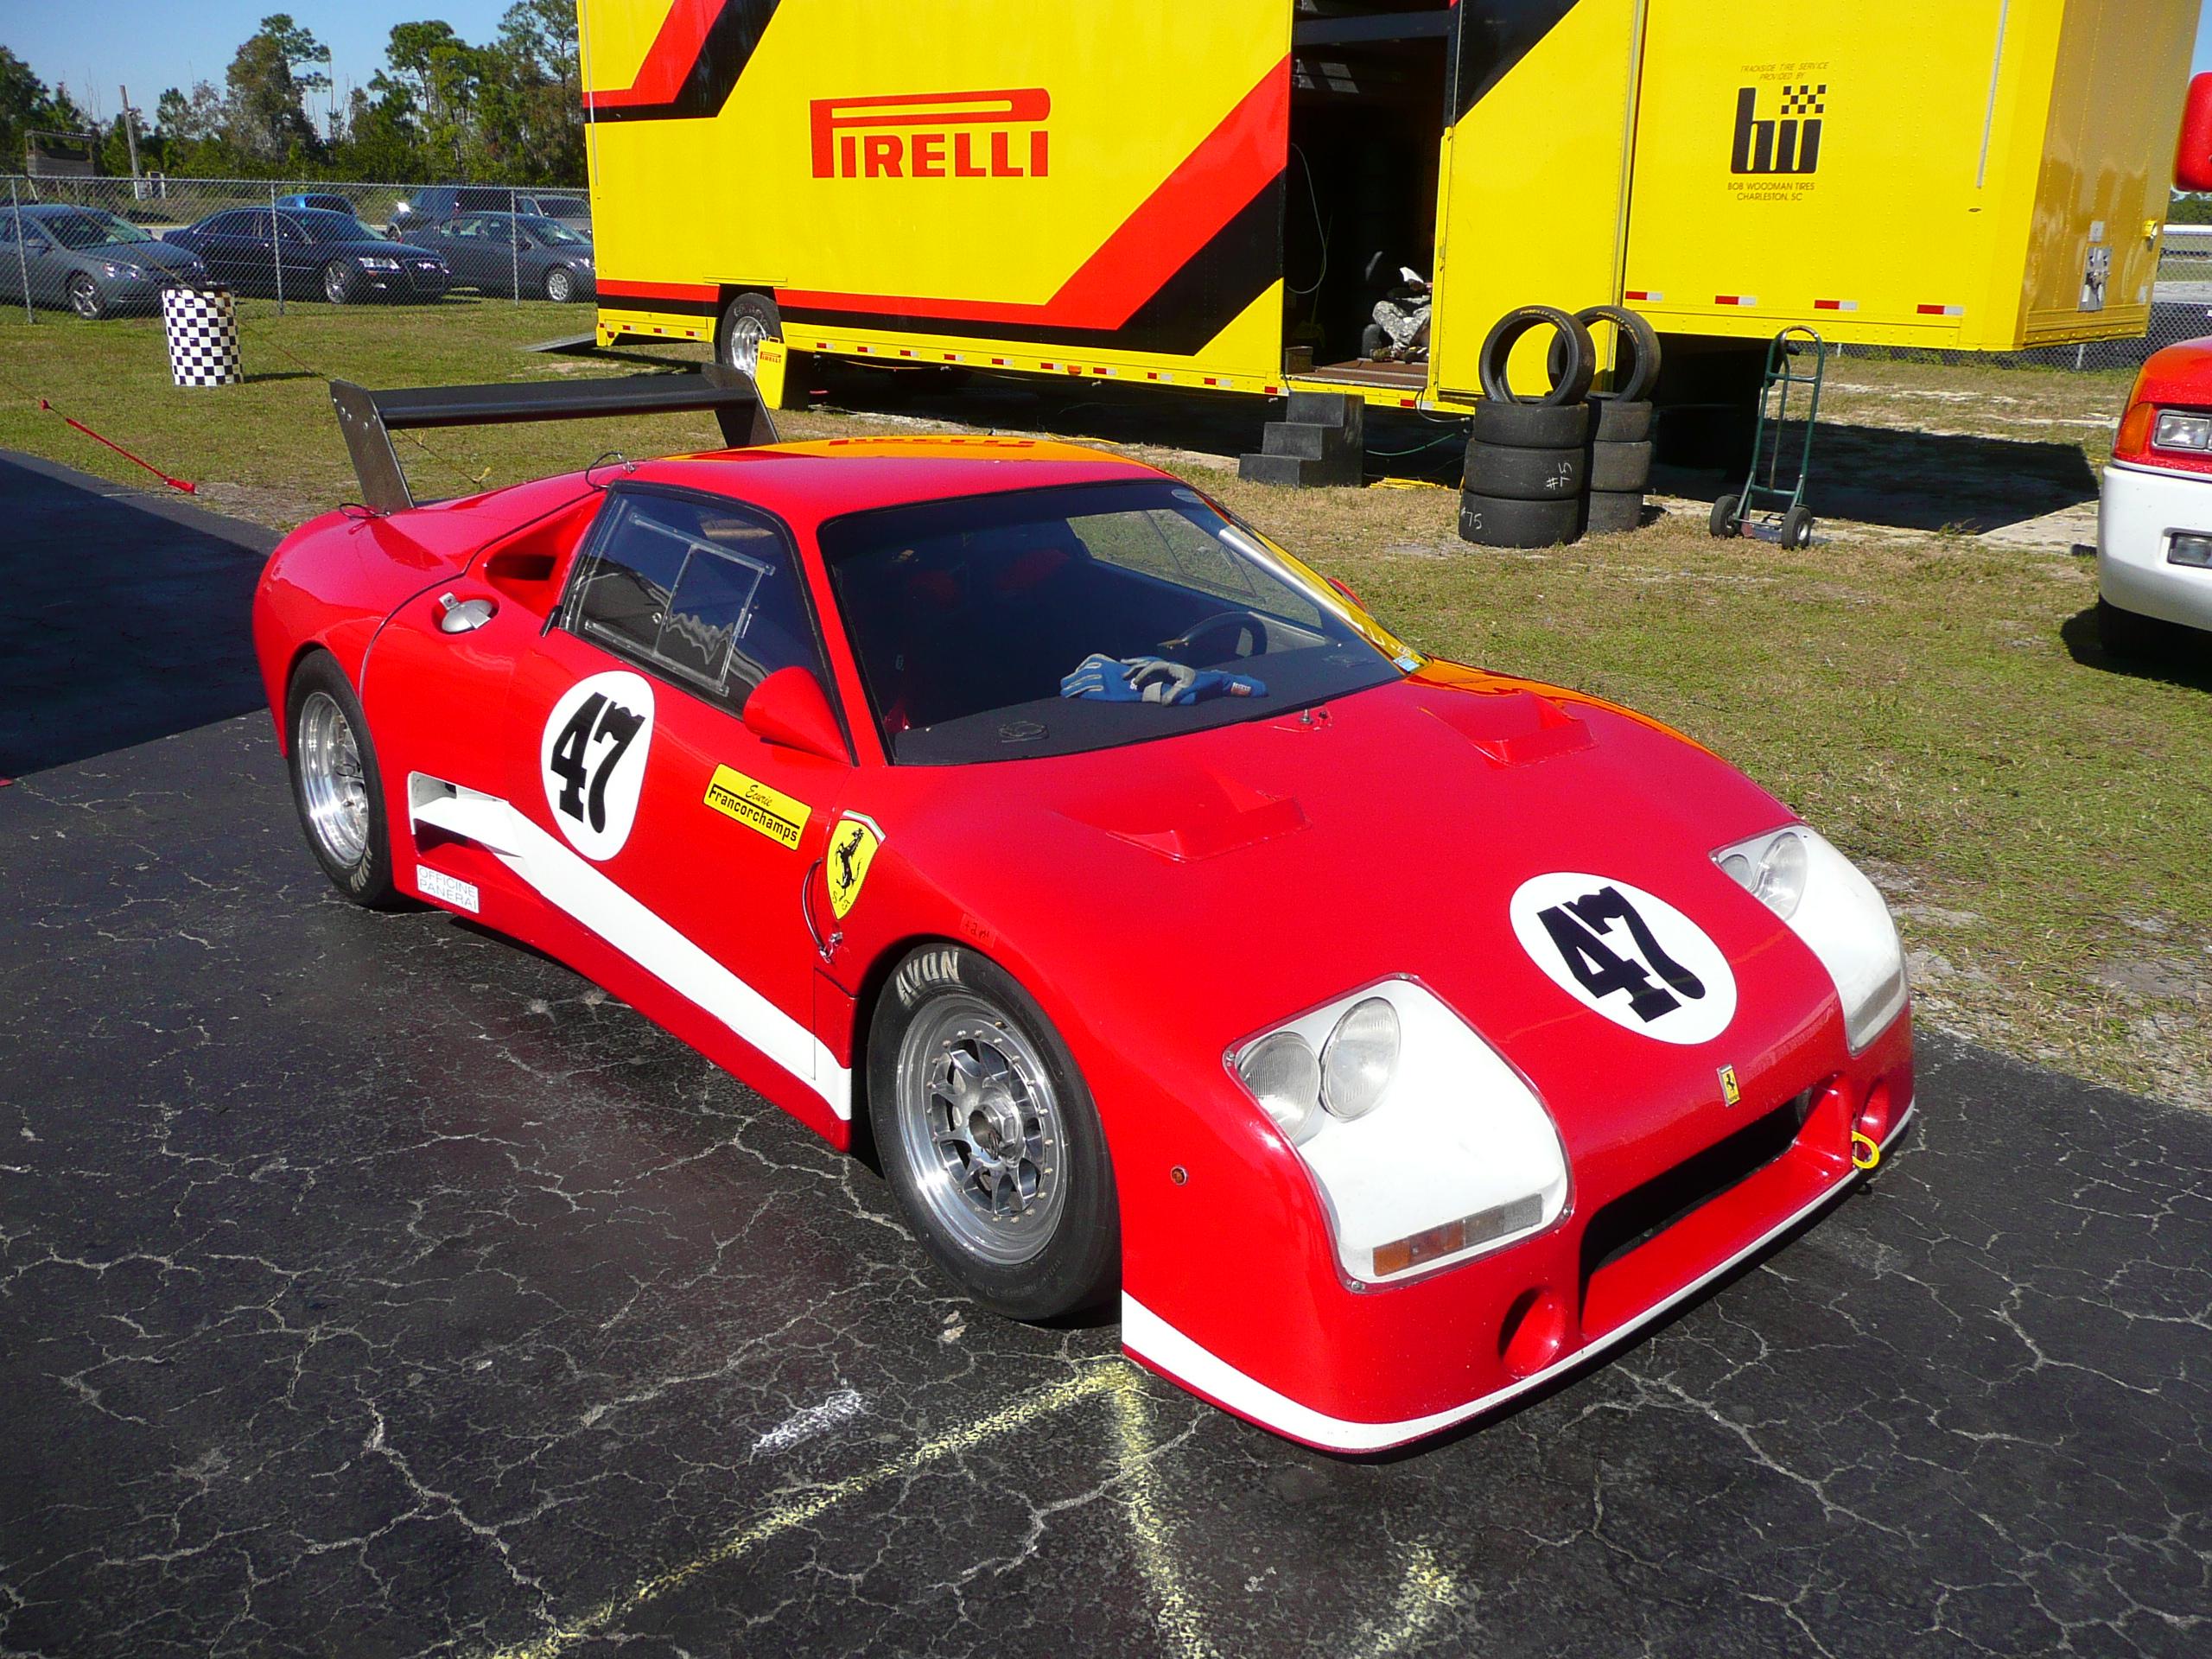 Ferrari 308 Gt M Michelotto Continuation Project Saxonparts Fuse Box